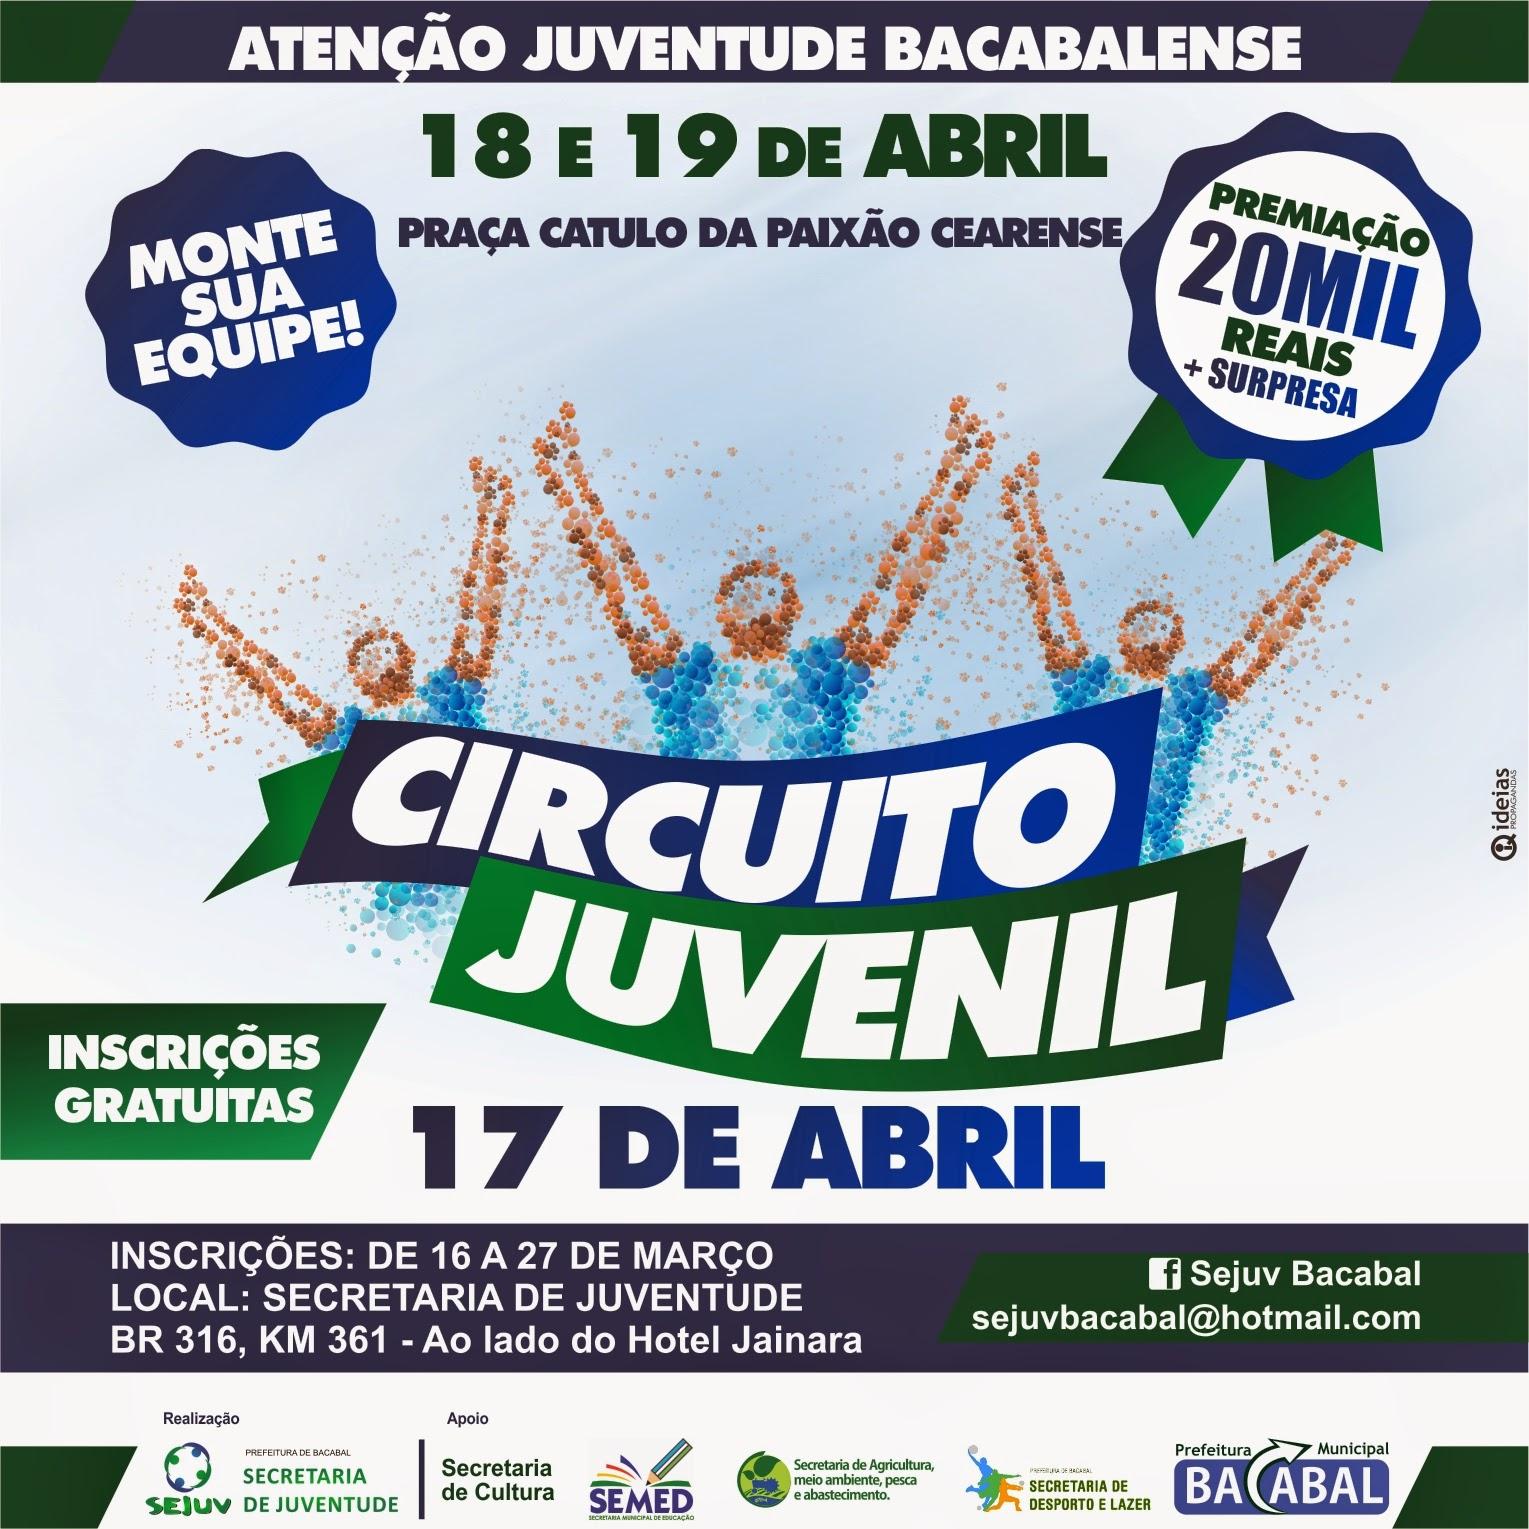 Circuito Juvenil 17 de Abril